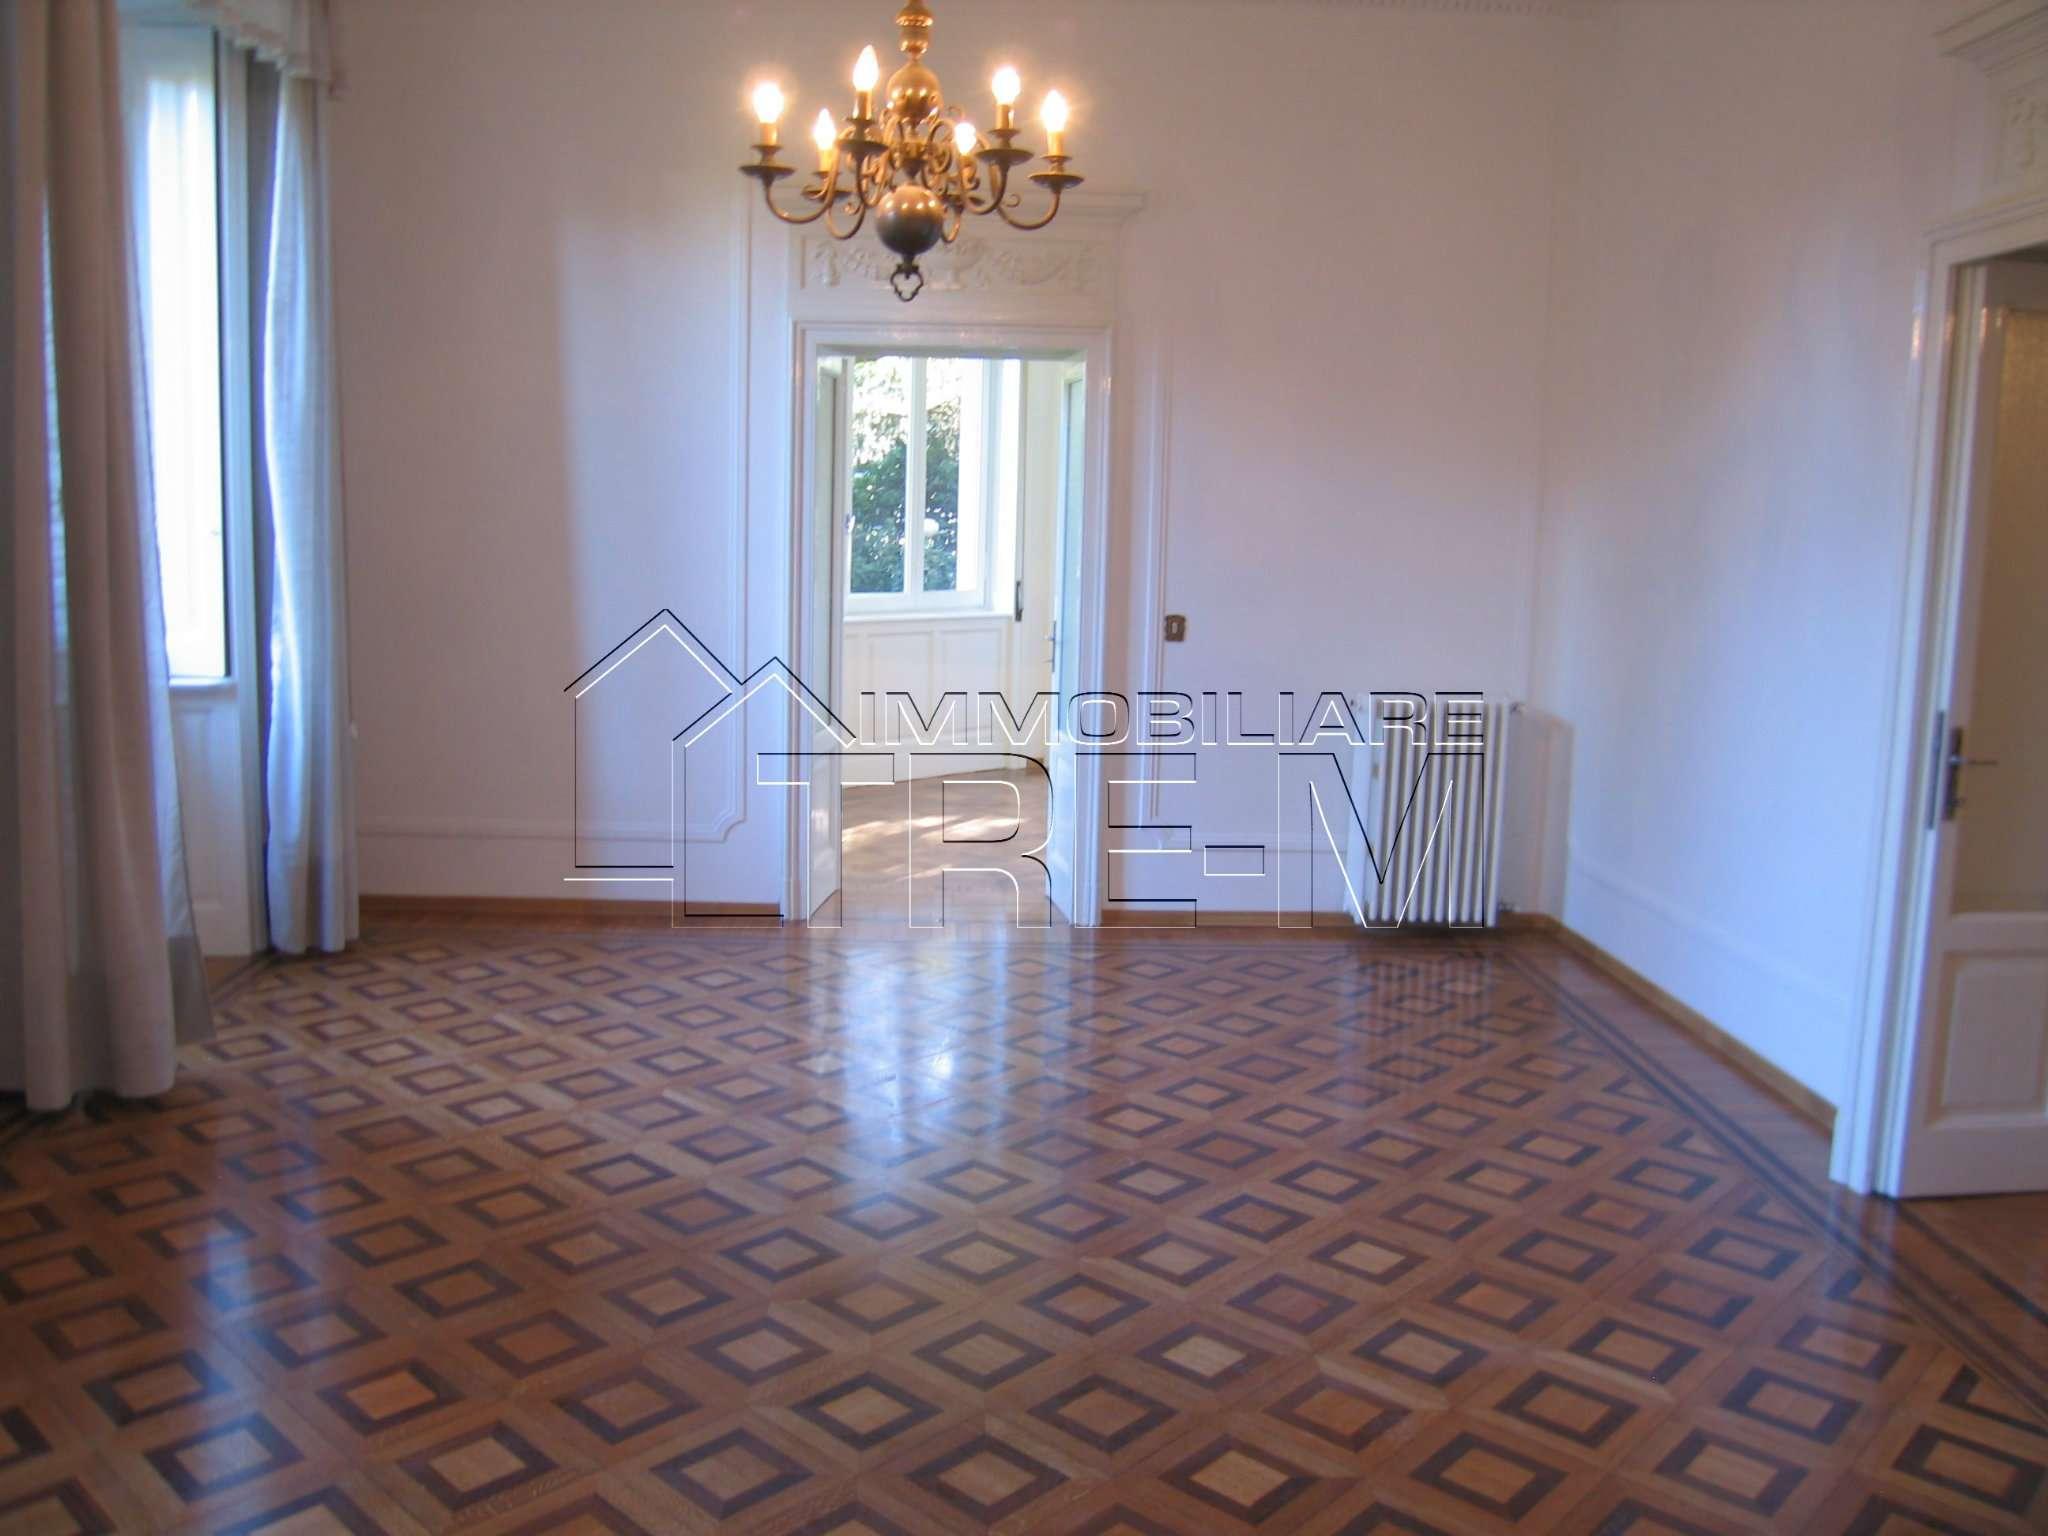 Villa in vendita a Dairago, 9999 locali, prezzo € 850.000 | CambioCasa.it